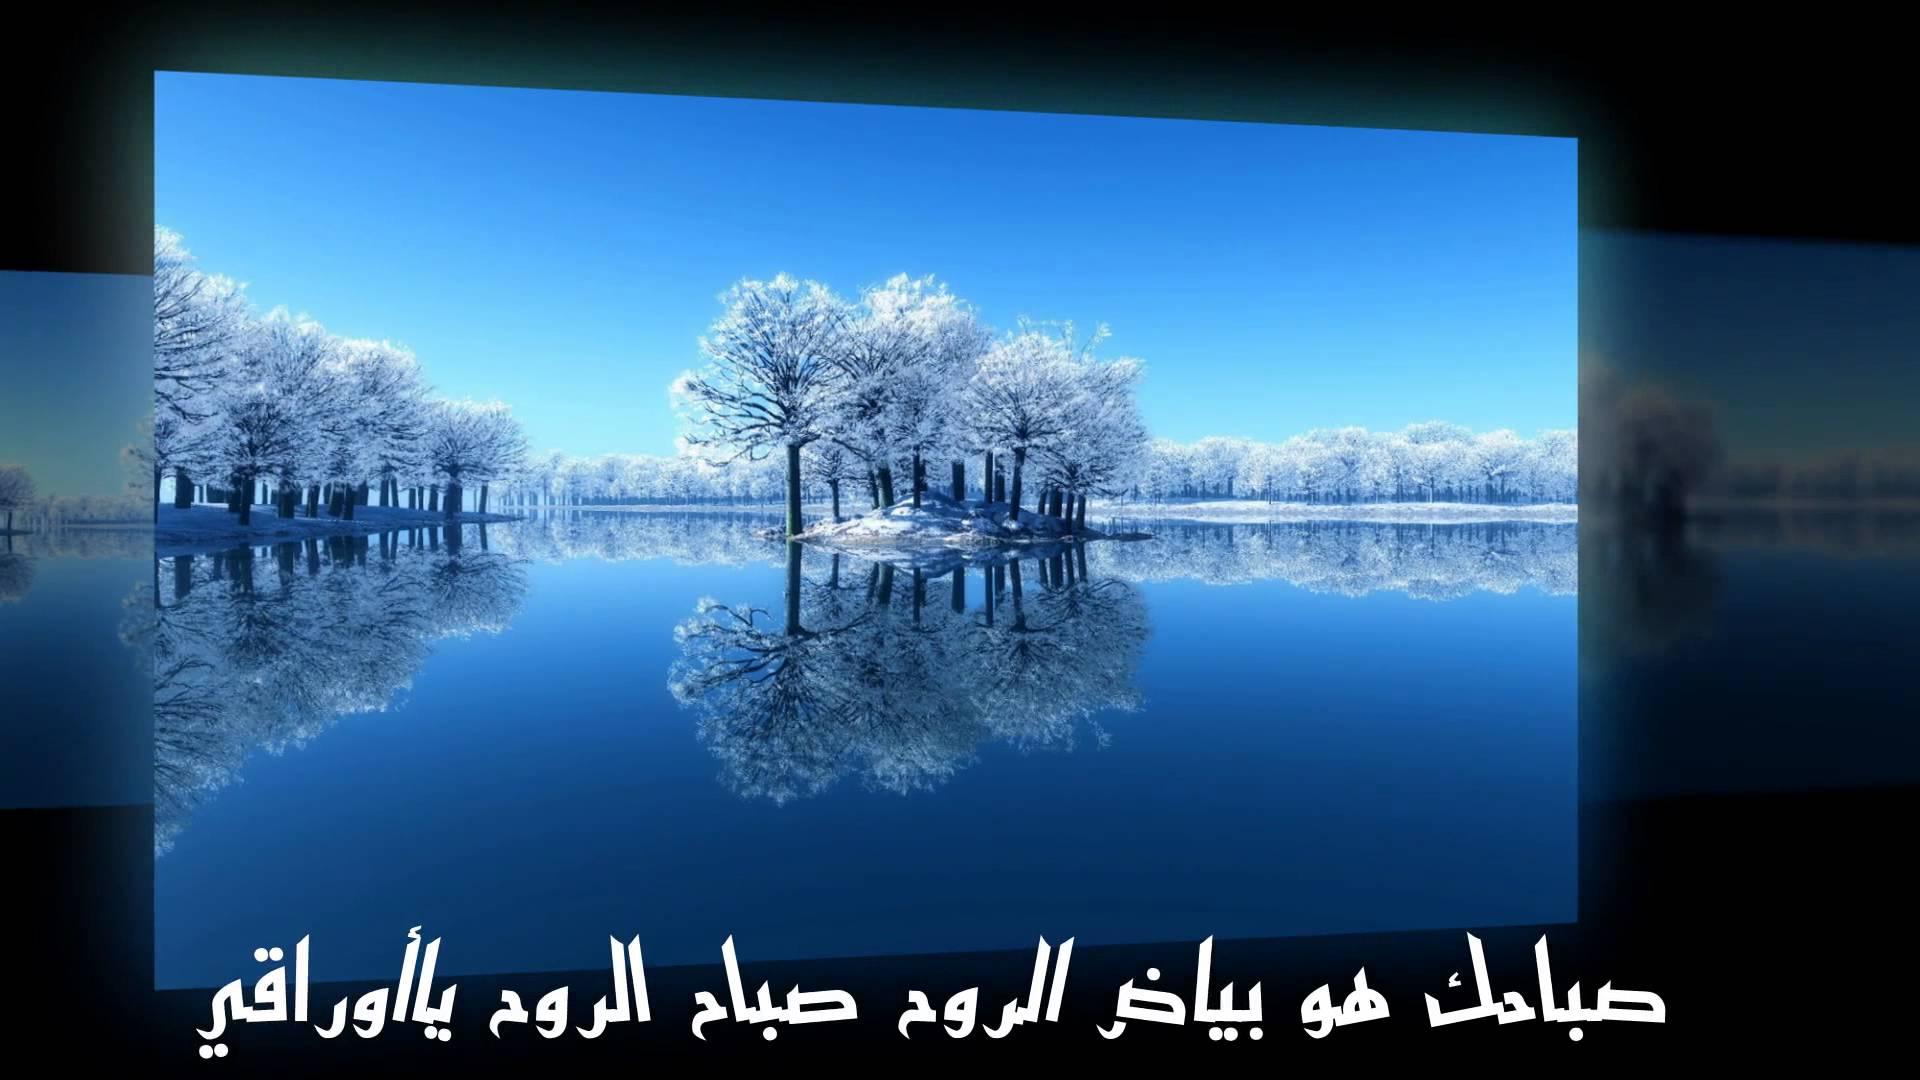 بالصور صباح الخير وكل الخير , اجمل الصور المكتوب عليها صباح الخير و كل الخير 3309 4